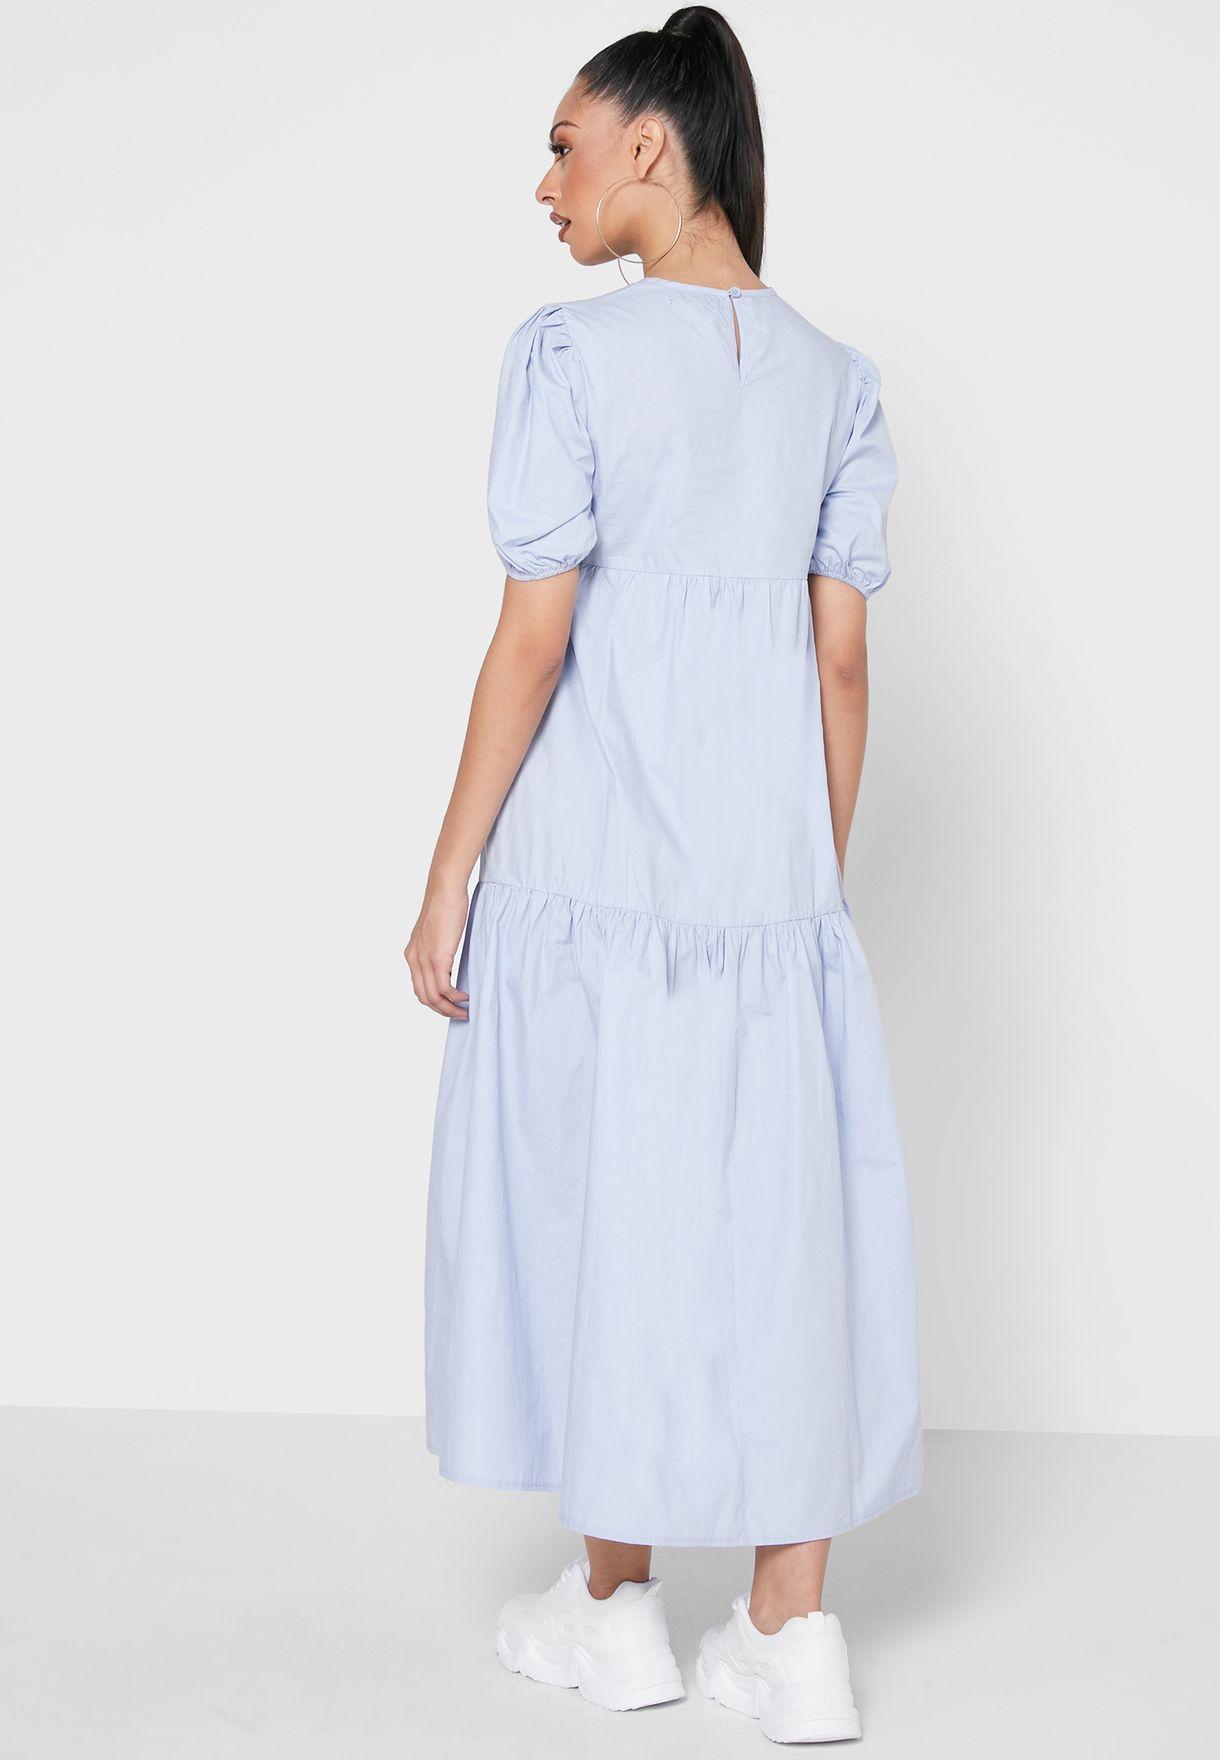 فستان فضفاض بطبقات متعددة